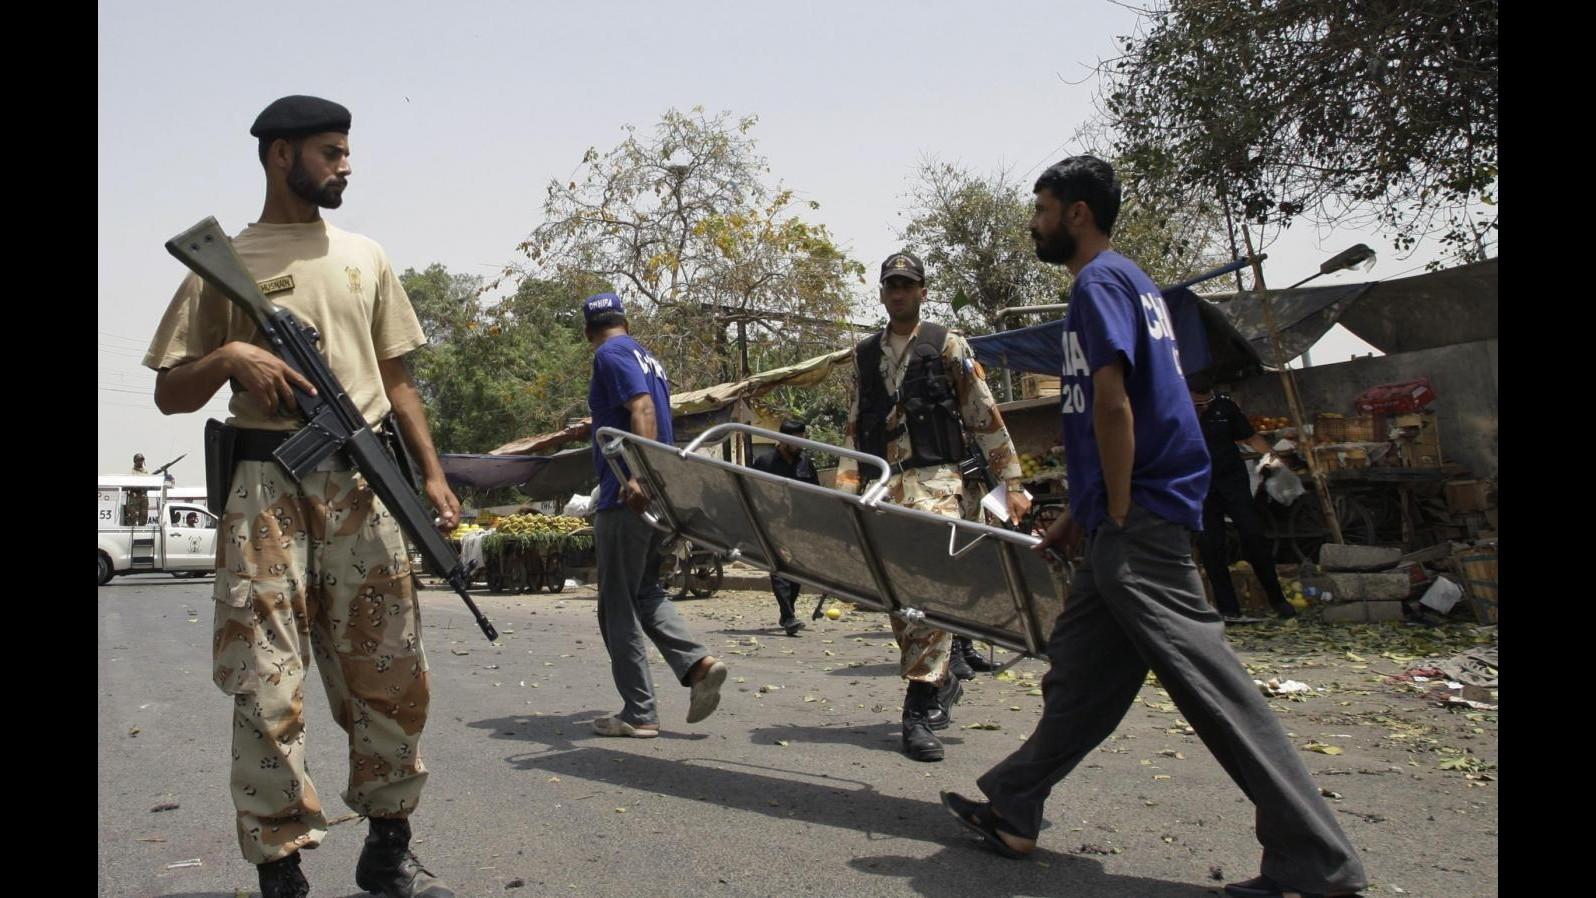 Pakistan, uomo armato attacca scuola: ucciso preside, feriti 6 bimbi